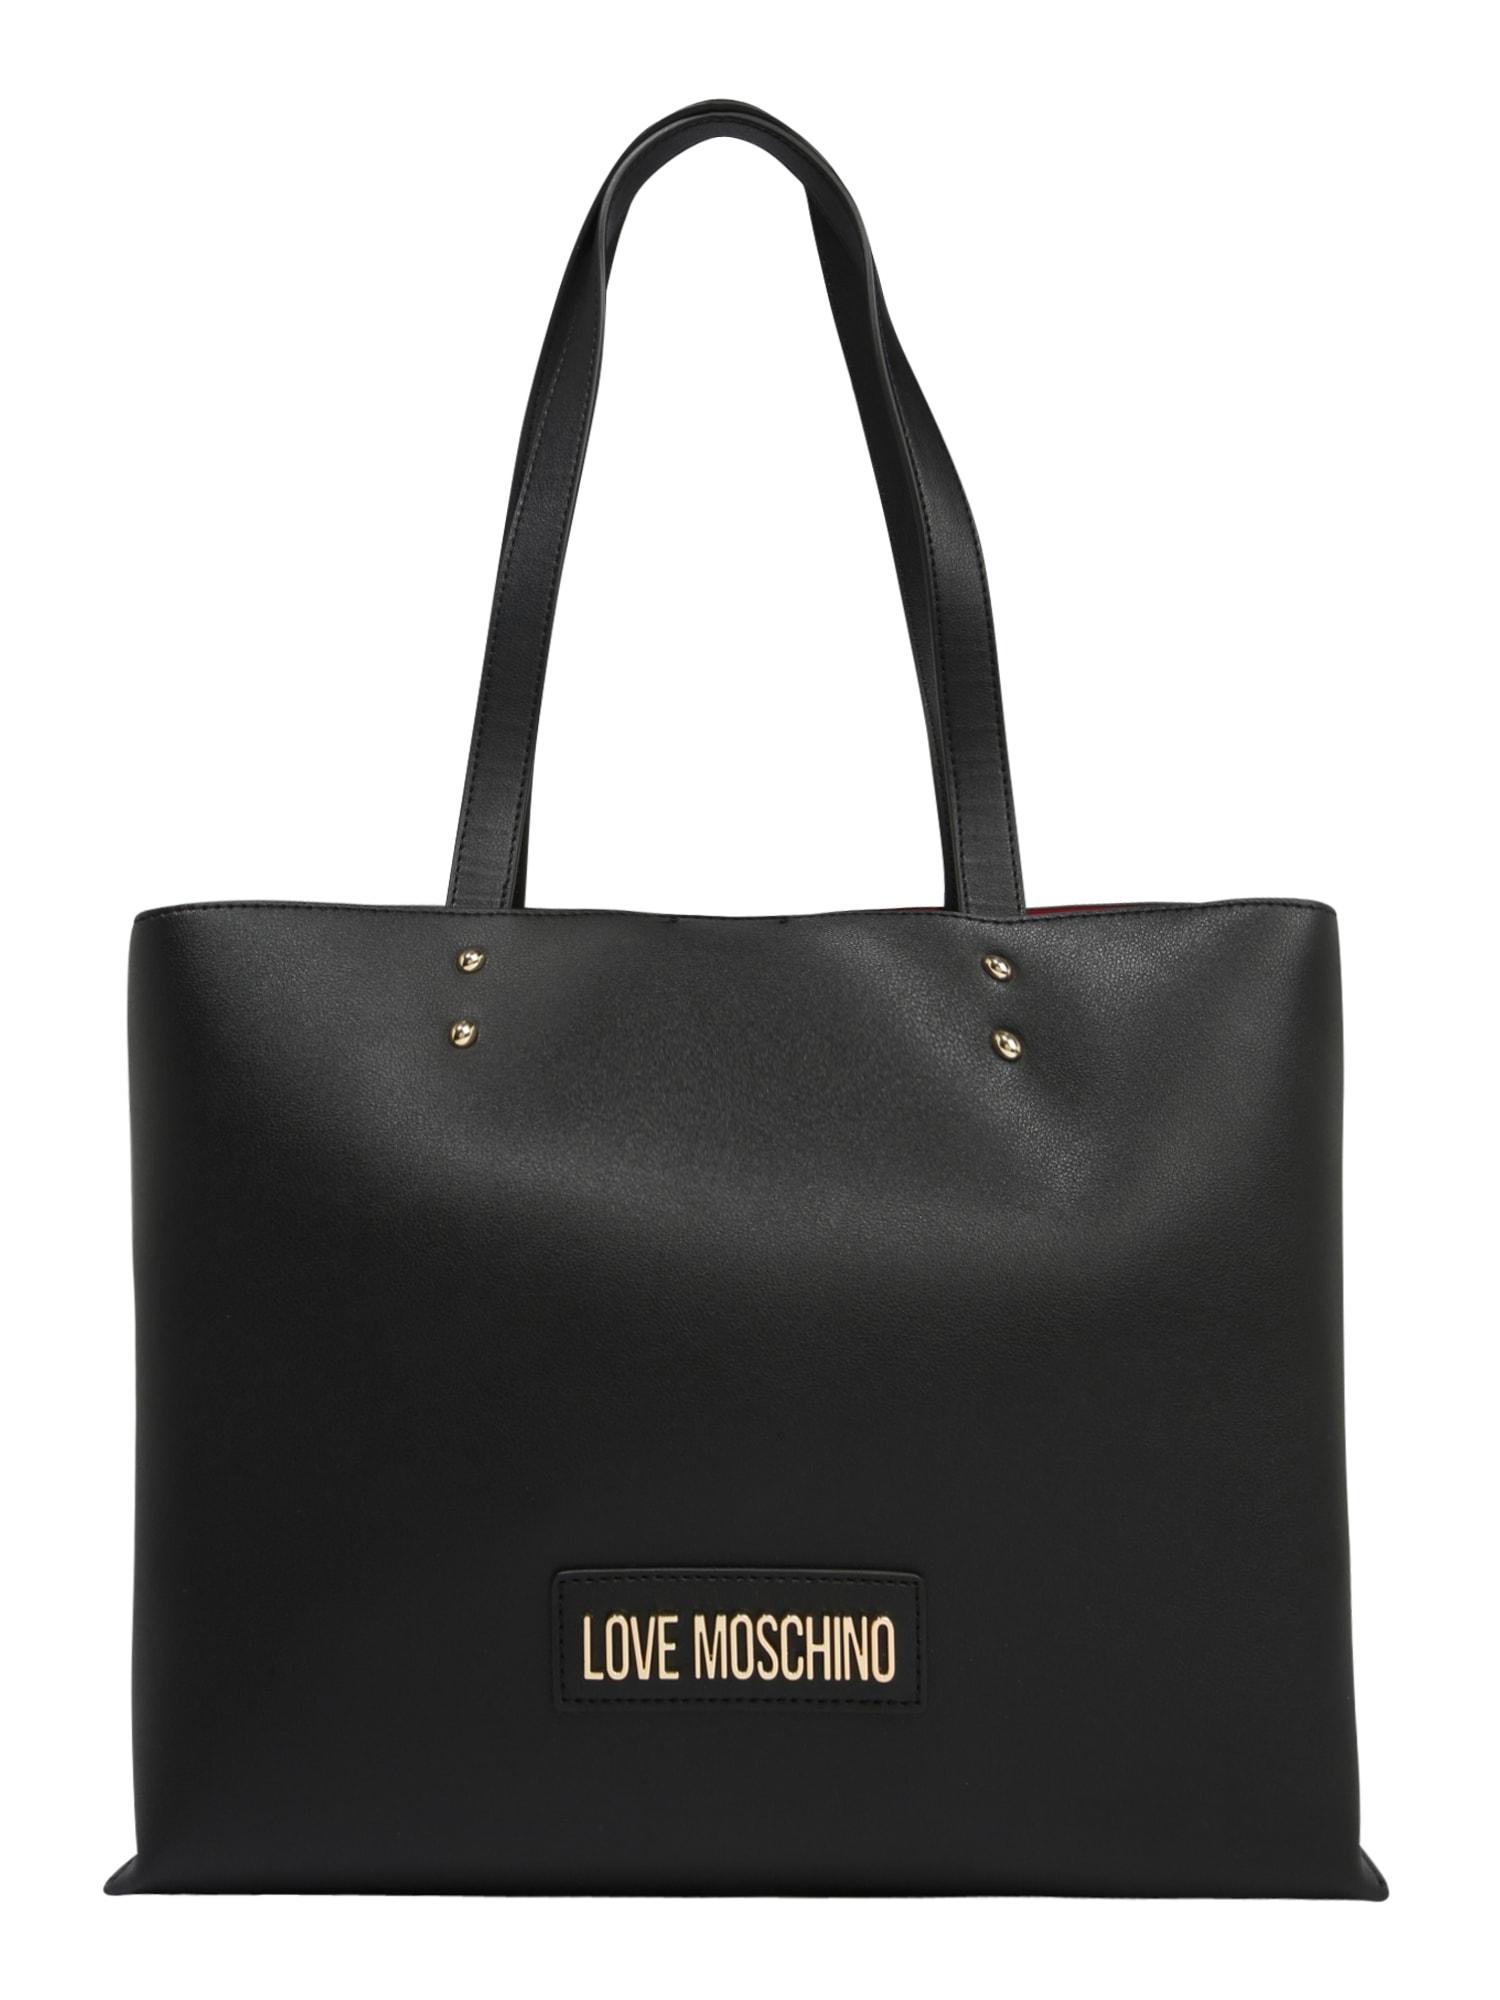 Love Moschino Pirkinių krepšys 'BORSA' juoda